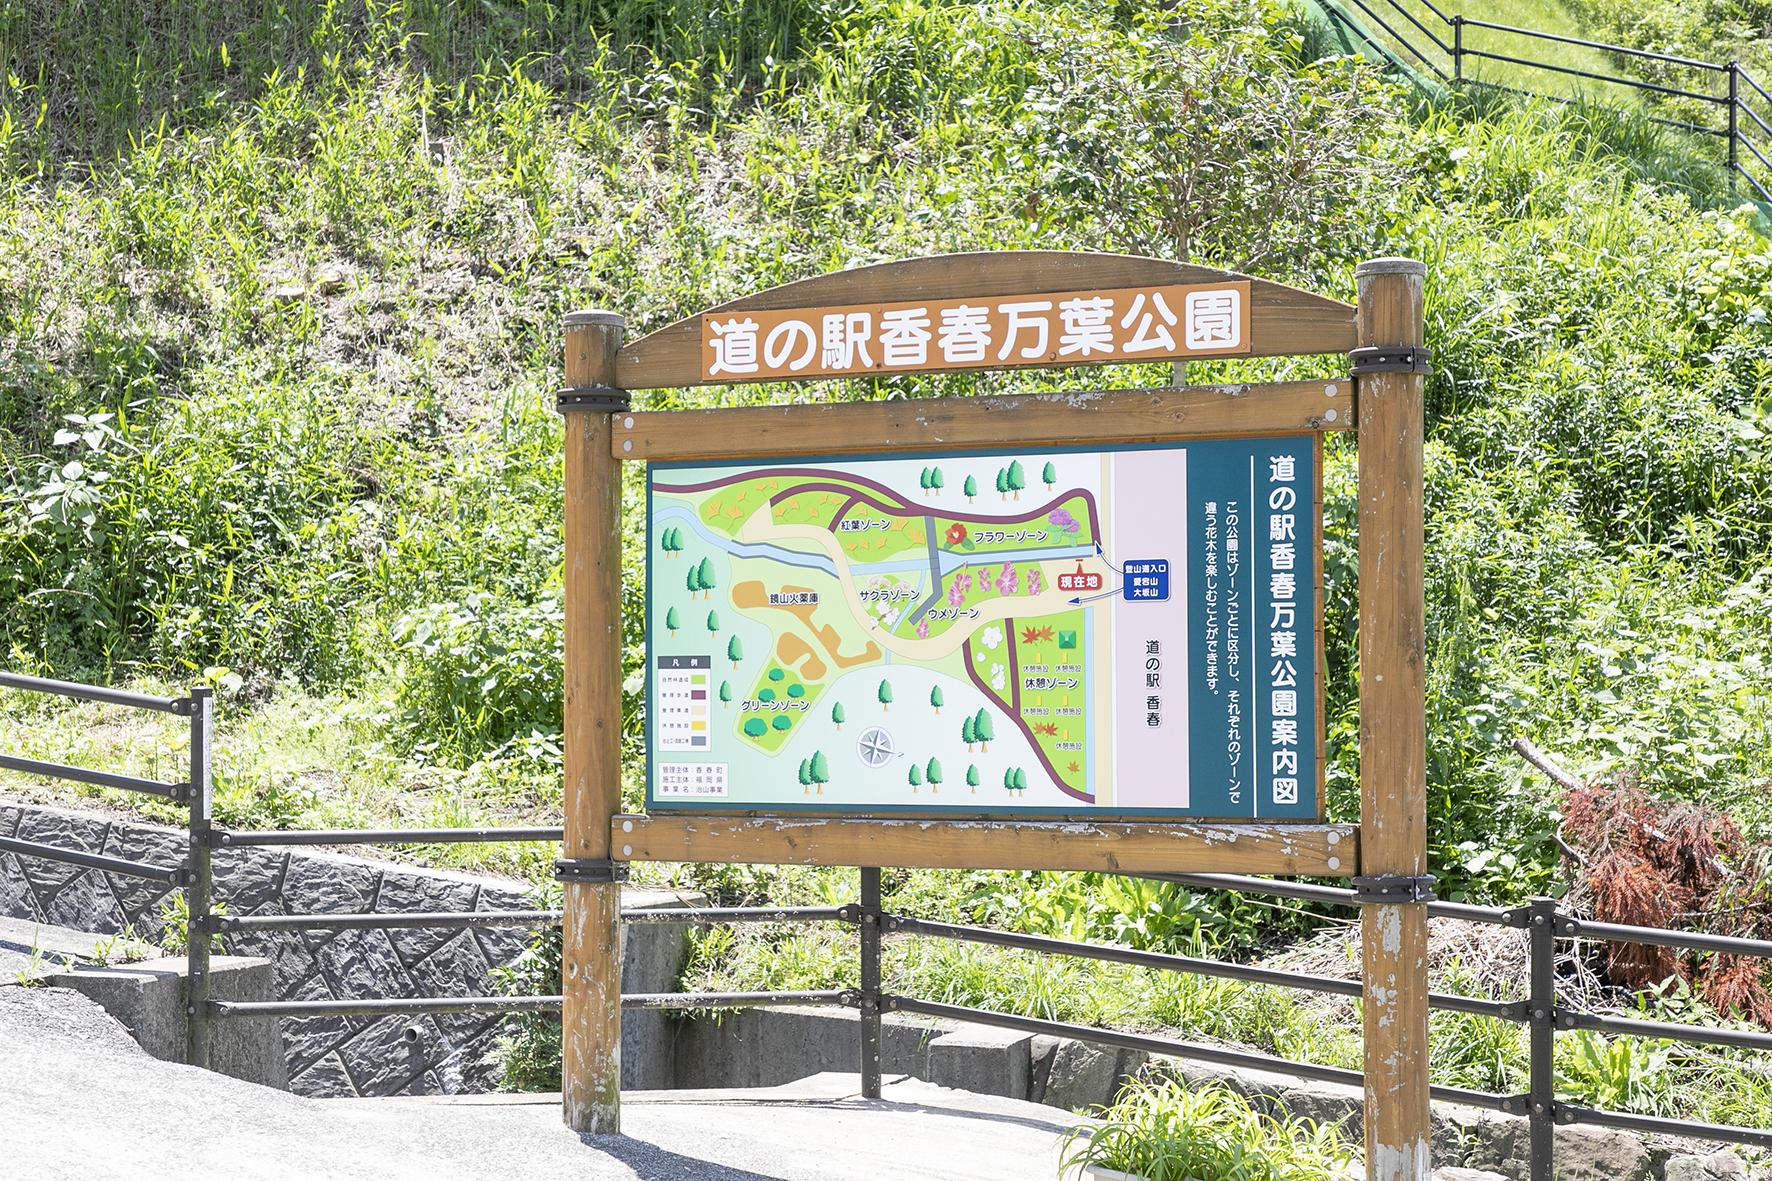 道の駅⾹春 万葉公園